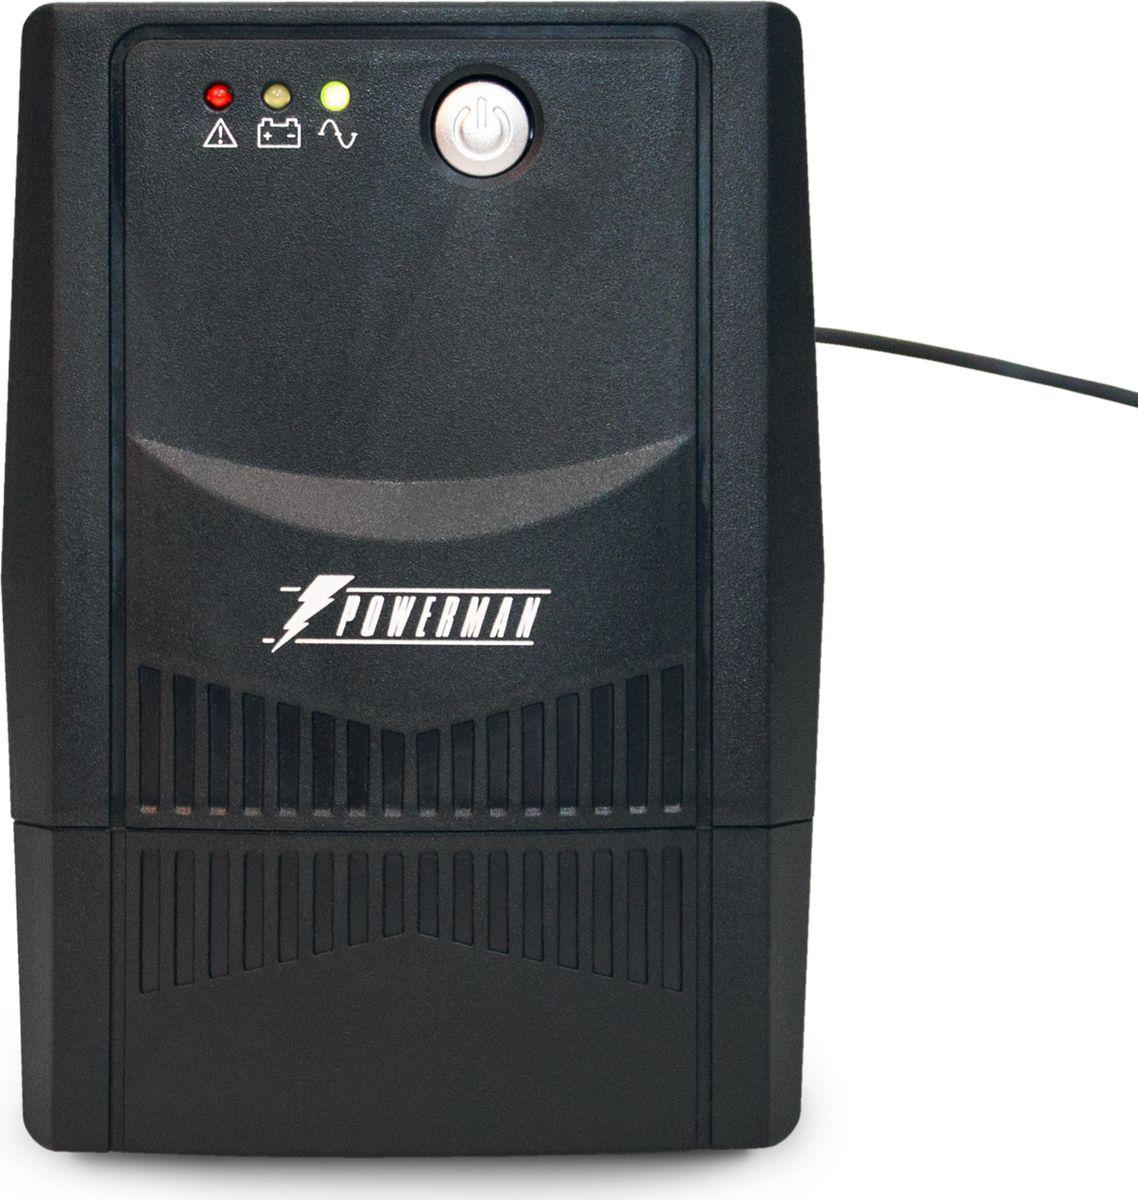 Источник бесперебойного питания Powerman UPS Вack Pro 800, 800 ВА источник бесперебойного питания powerman ups вack pro 1000 1000 ва